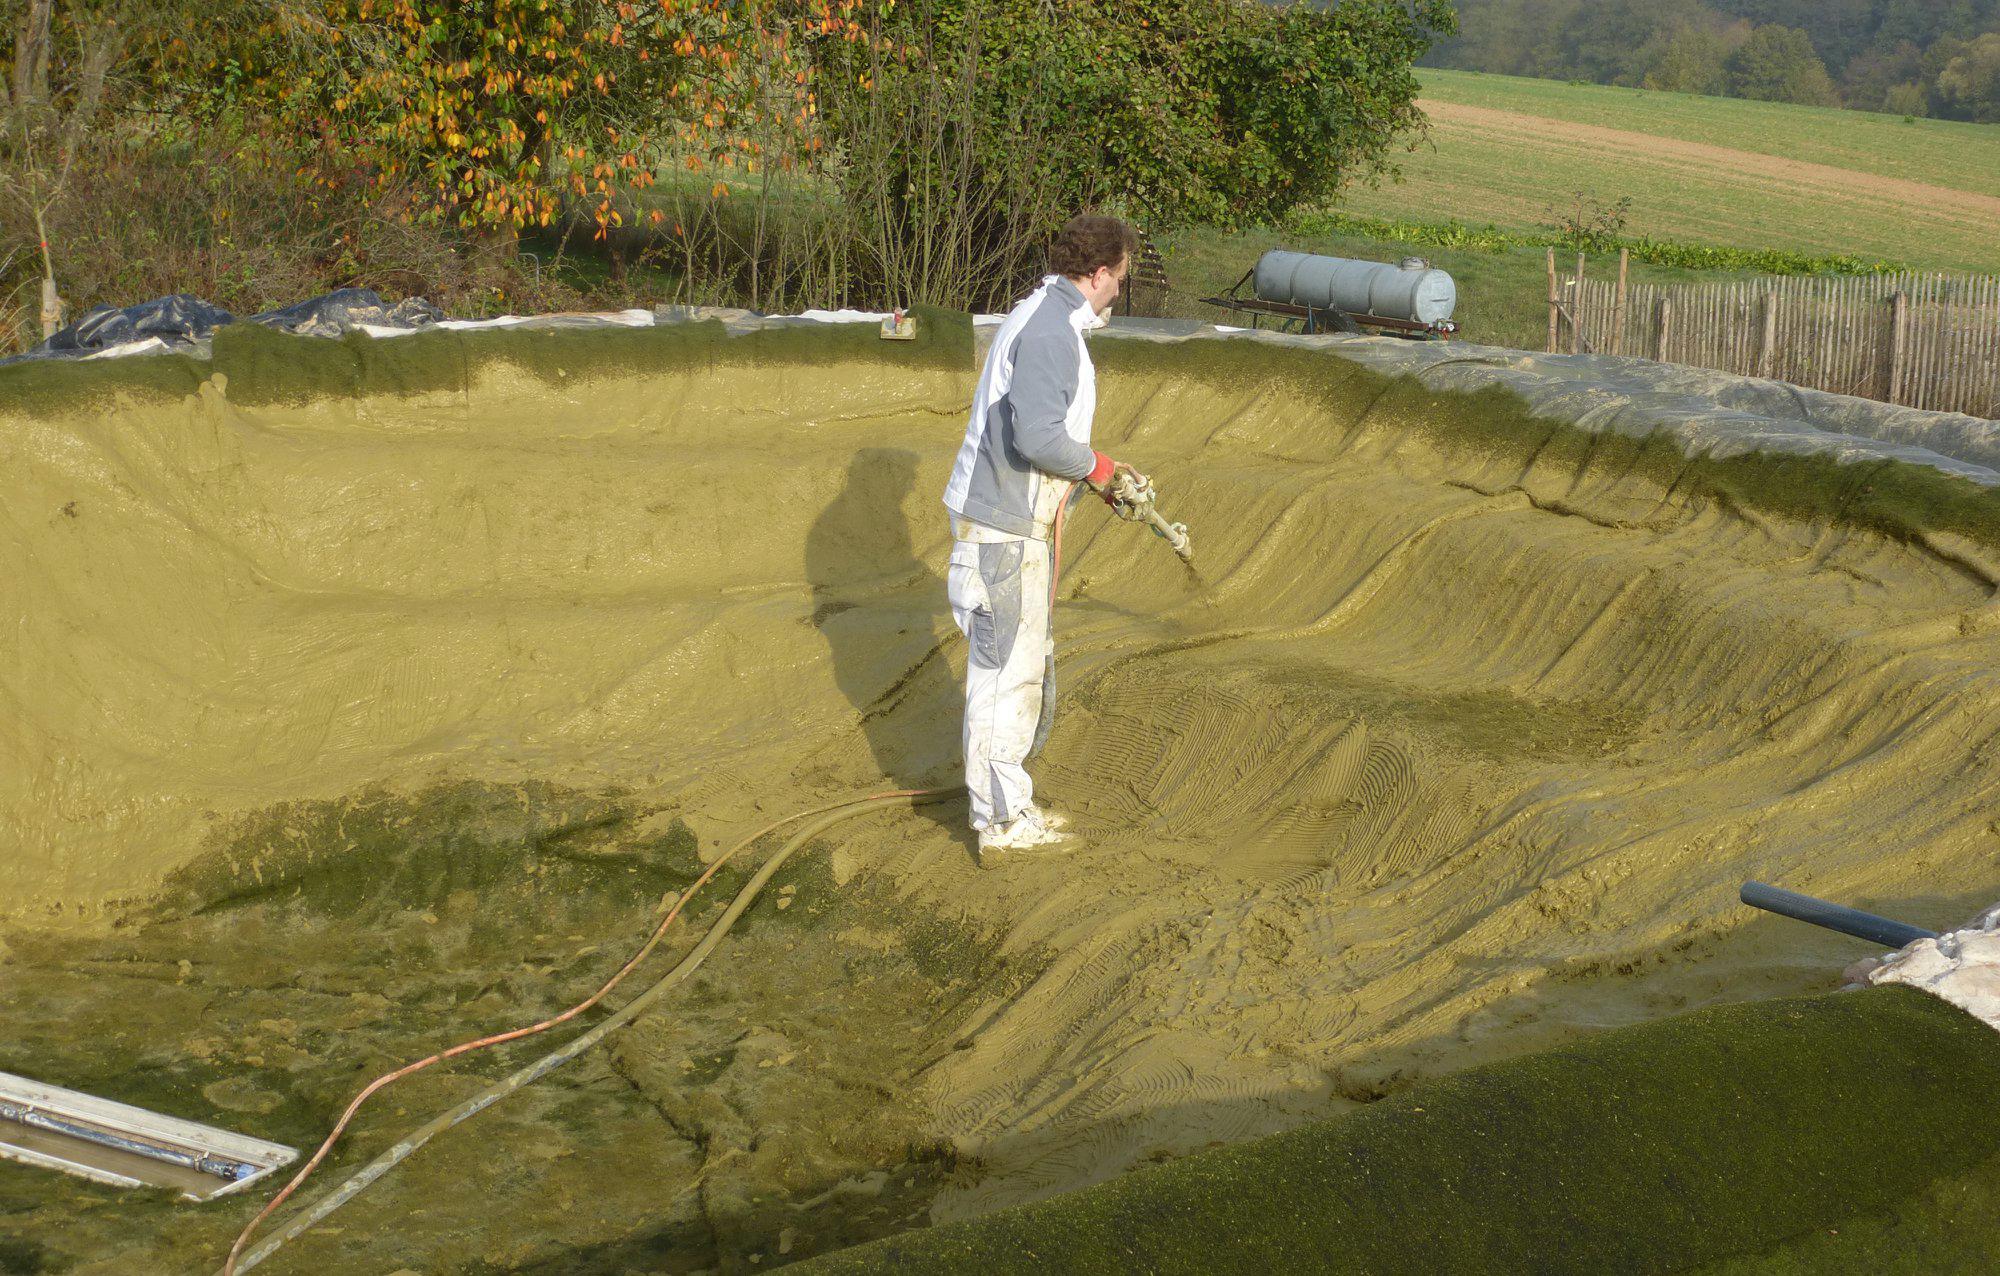 Vermörteln der Teichanlage mit speziellem Gartenteichmörtel